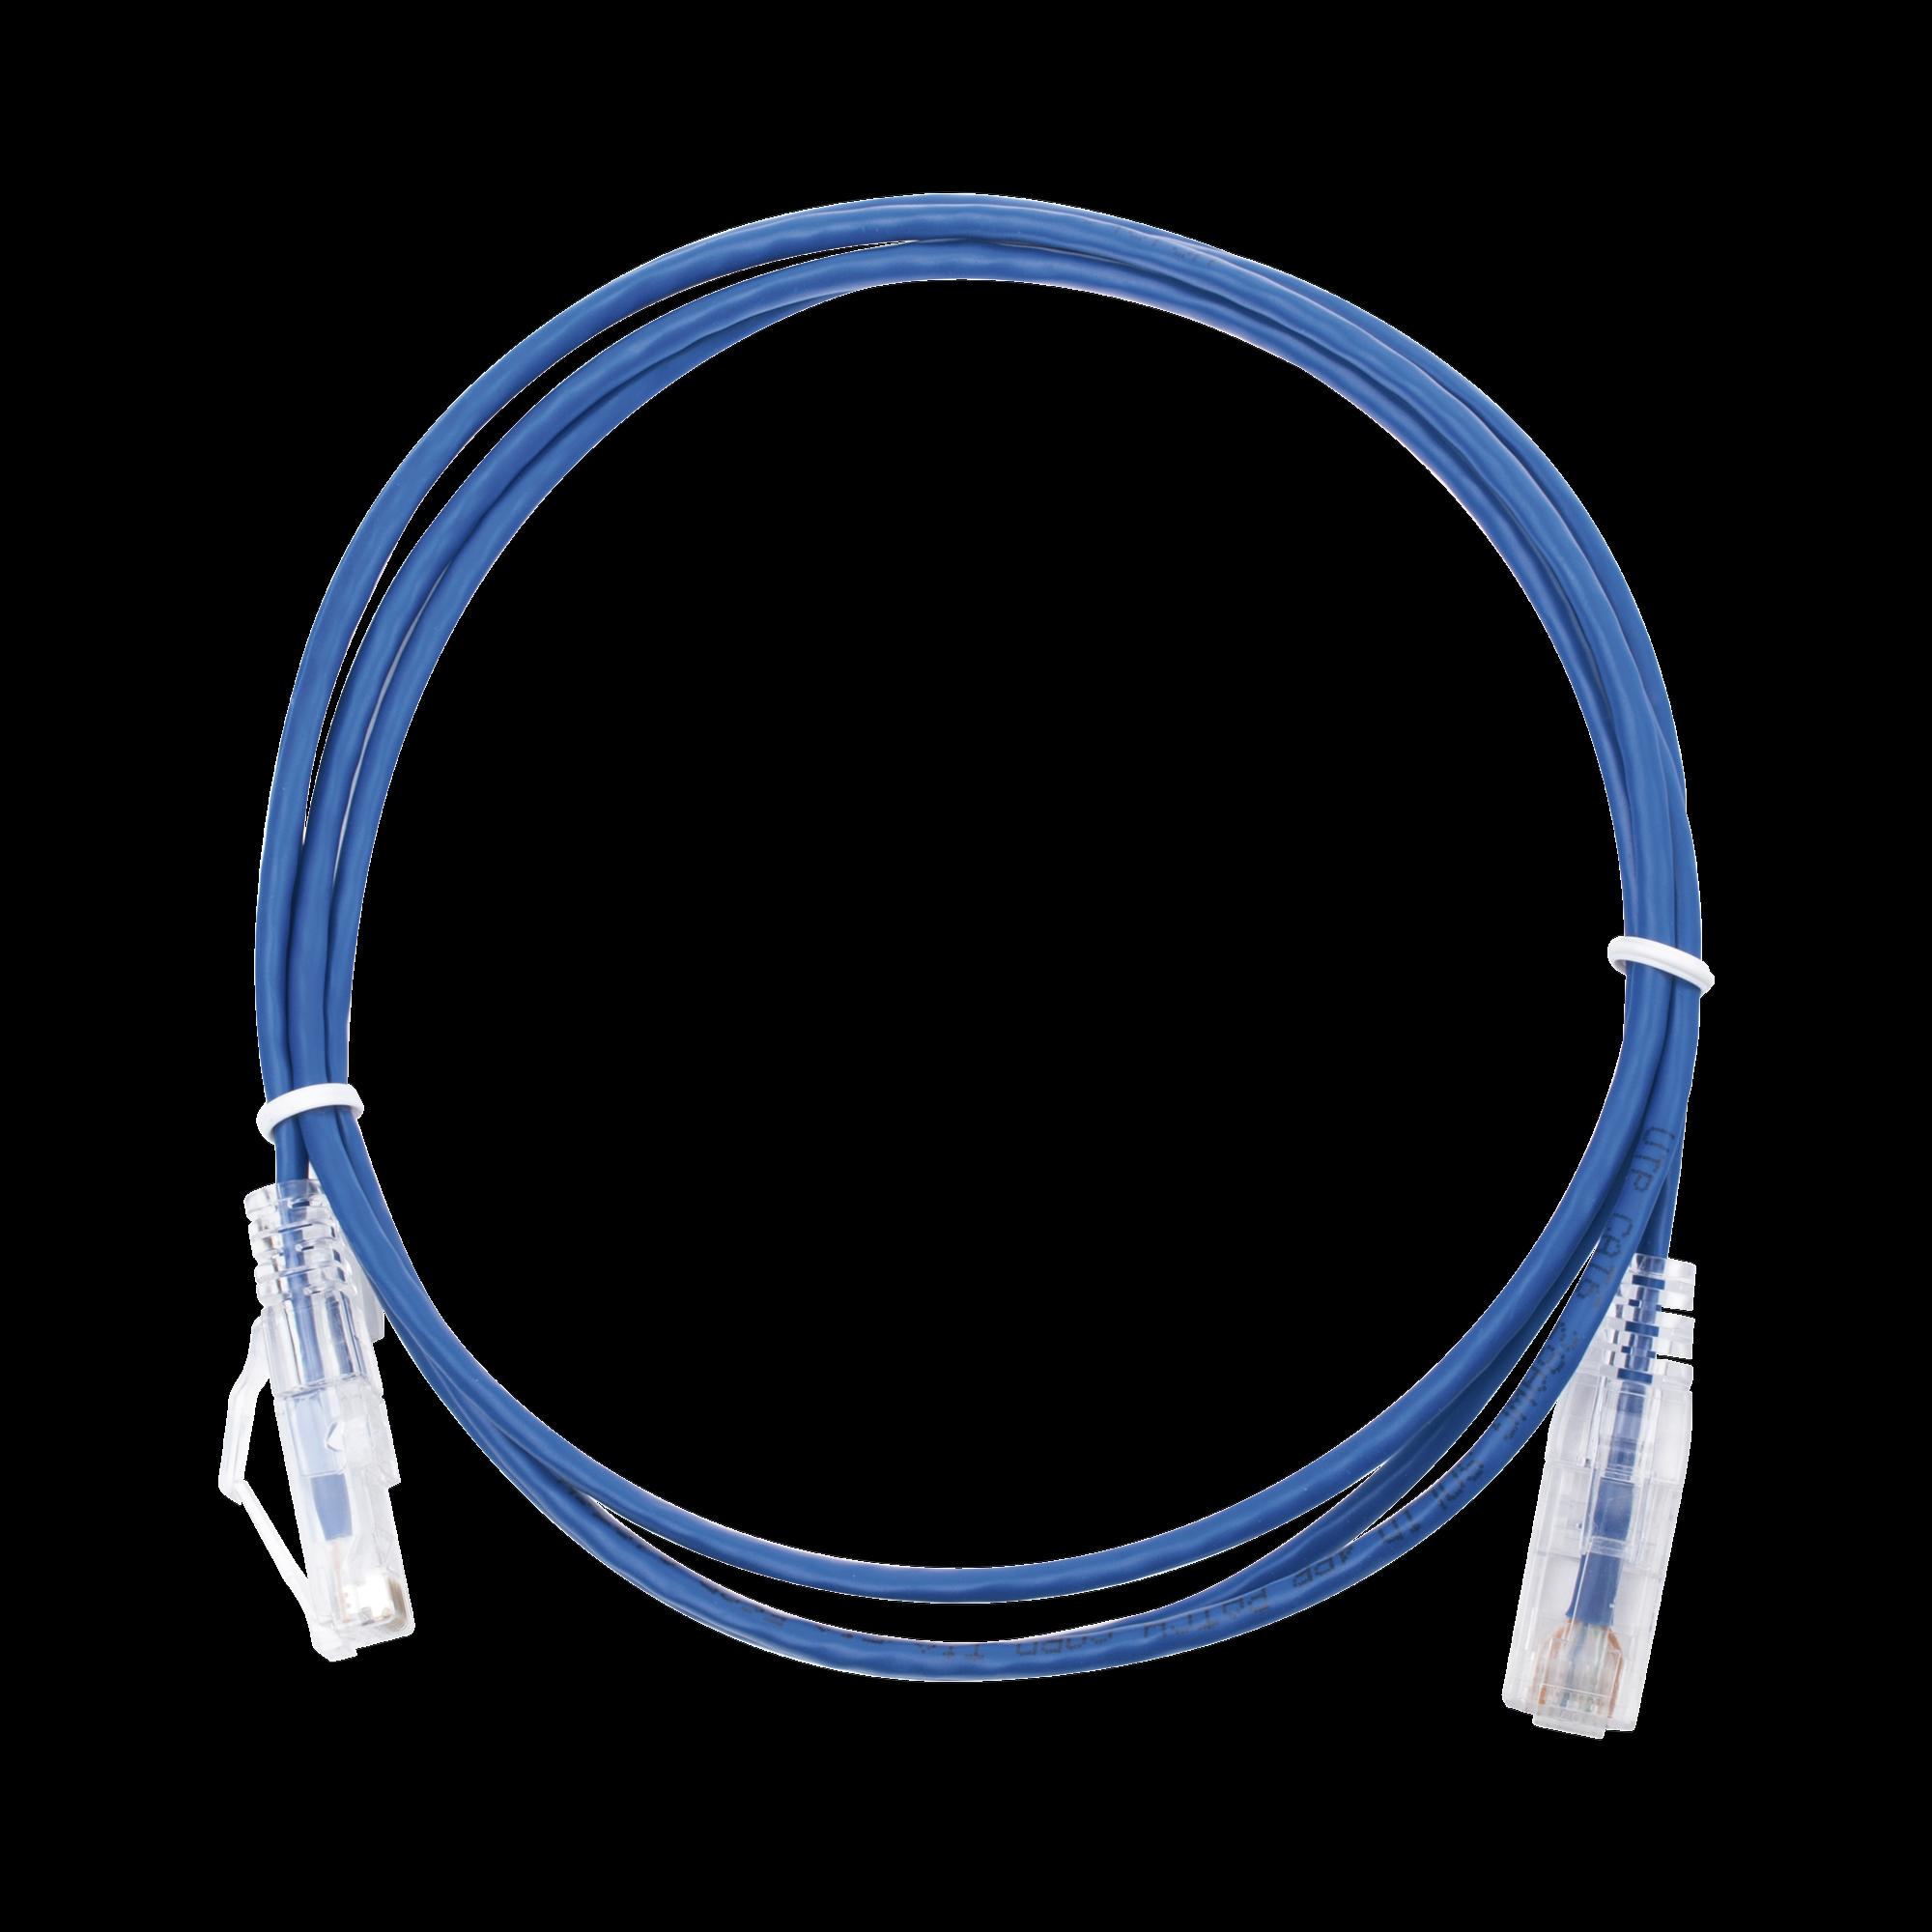 Cable de Parcheo Slim UTP Cat6 - 1.5 m Azul Diámetro Reducido (28 AWG)